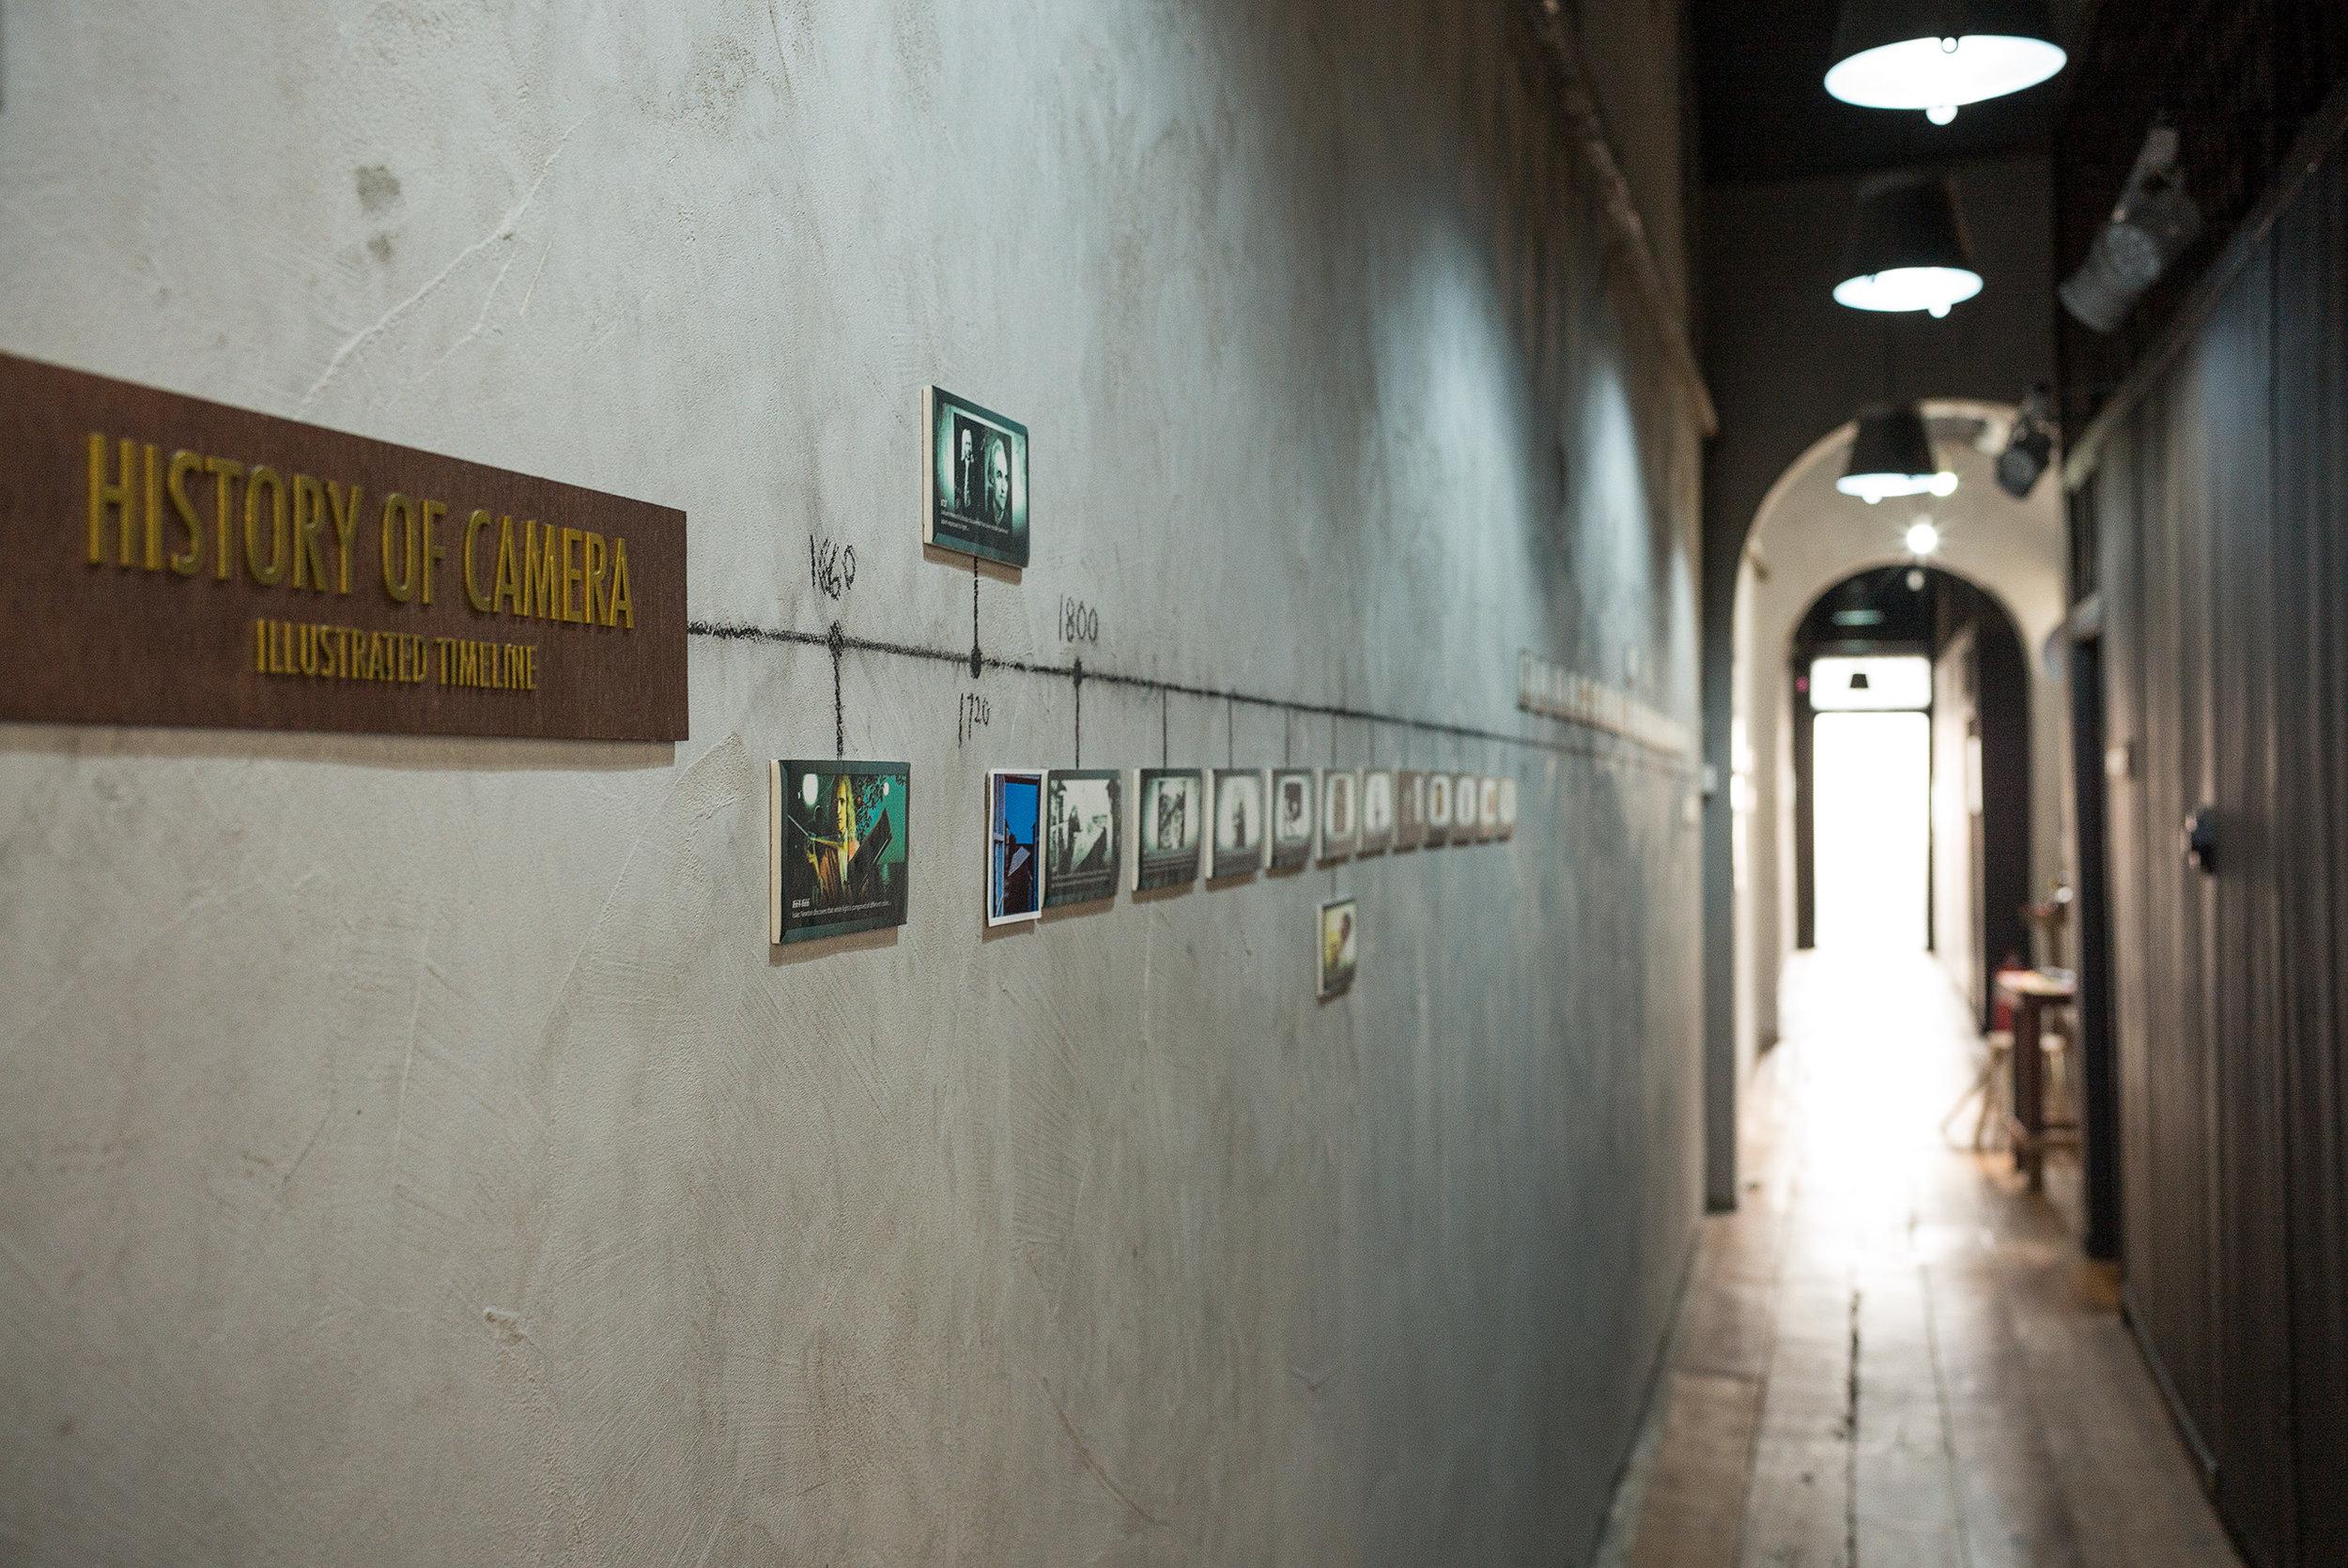 PENANG - Camera Museum - Eric Berger in